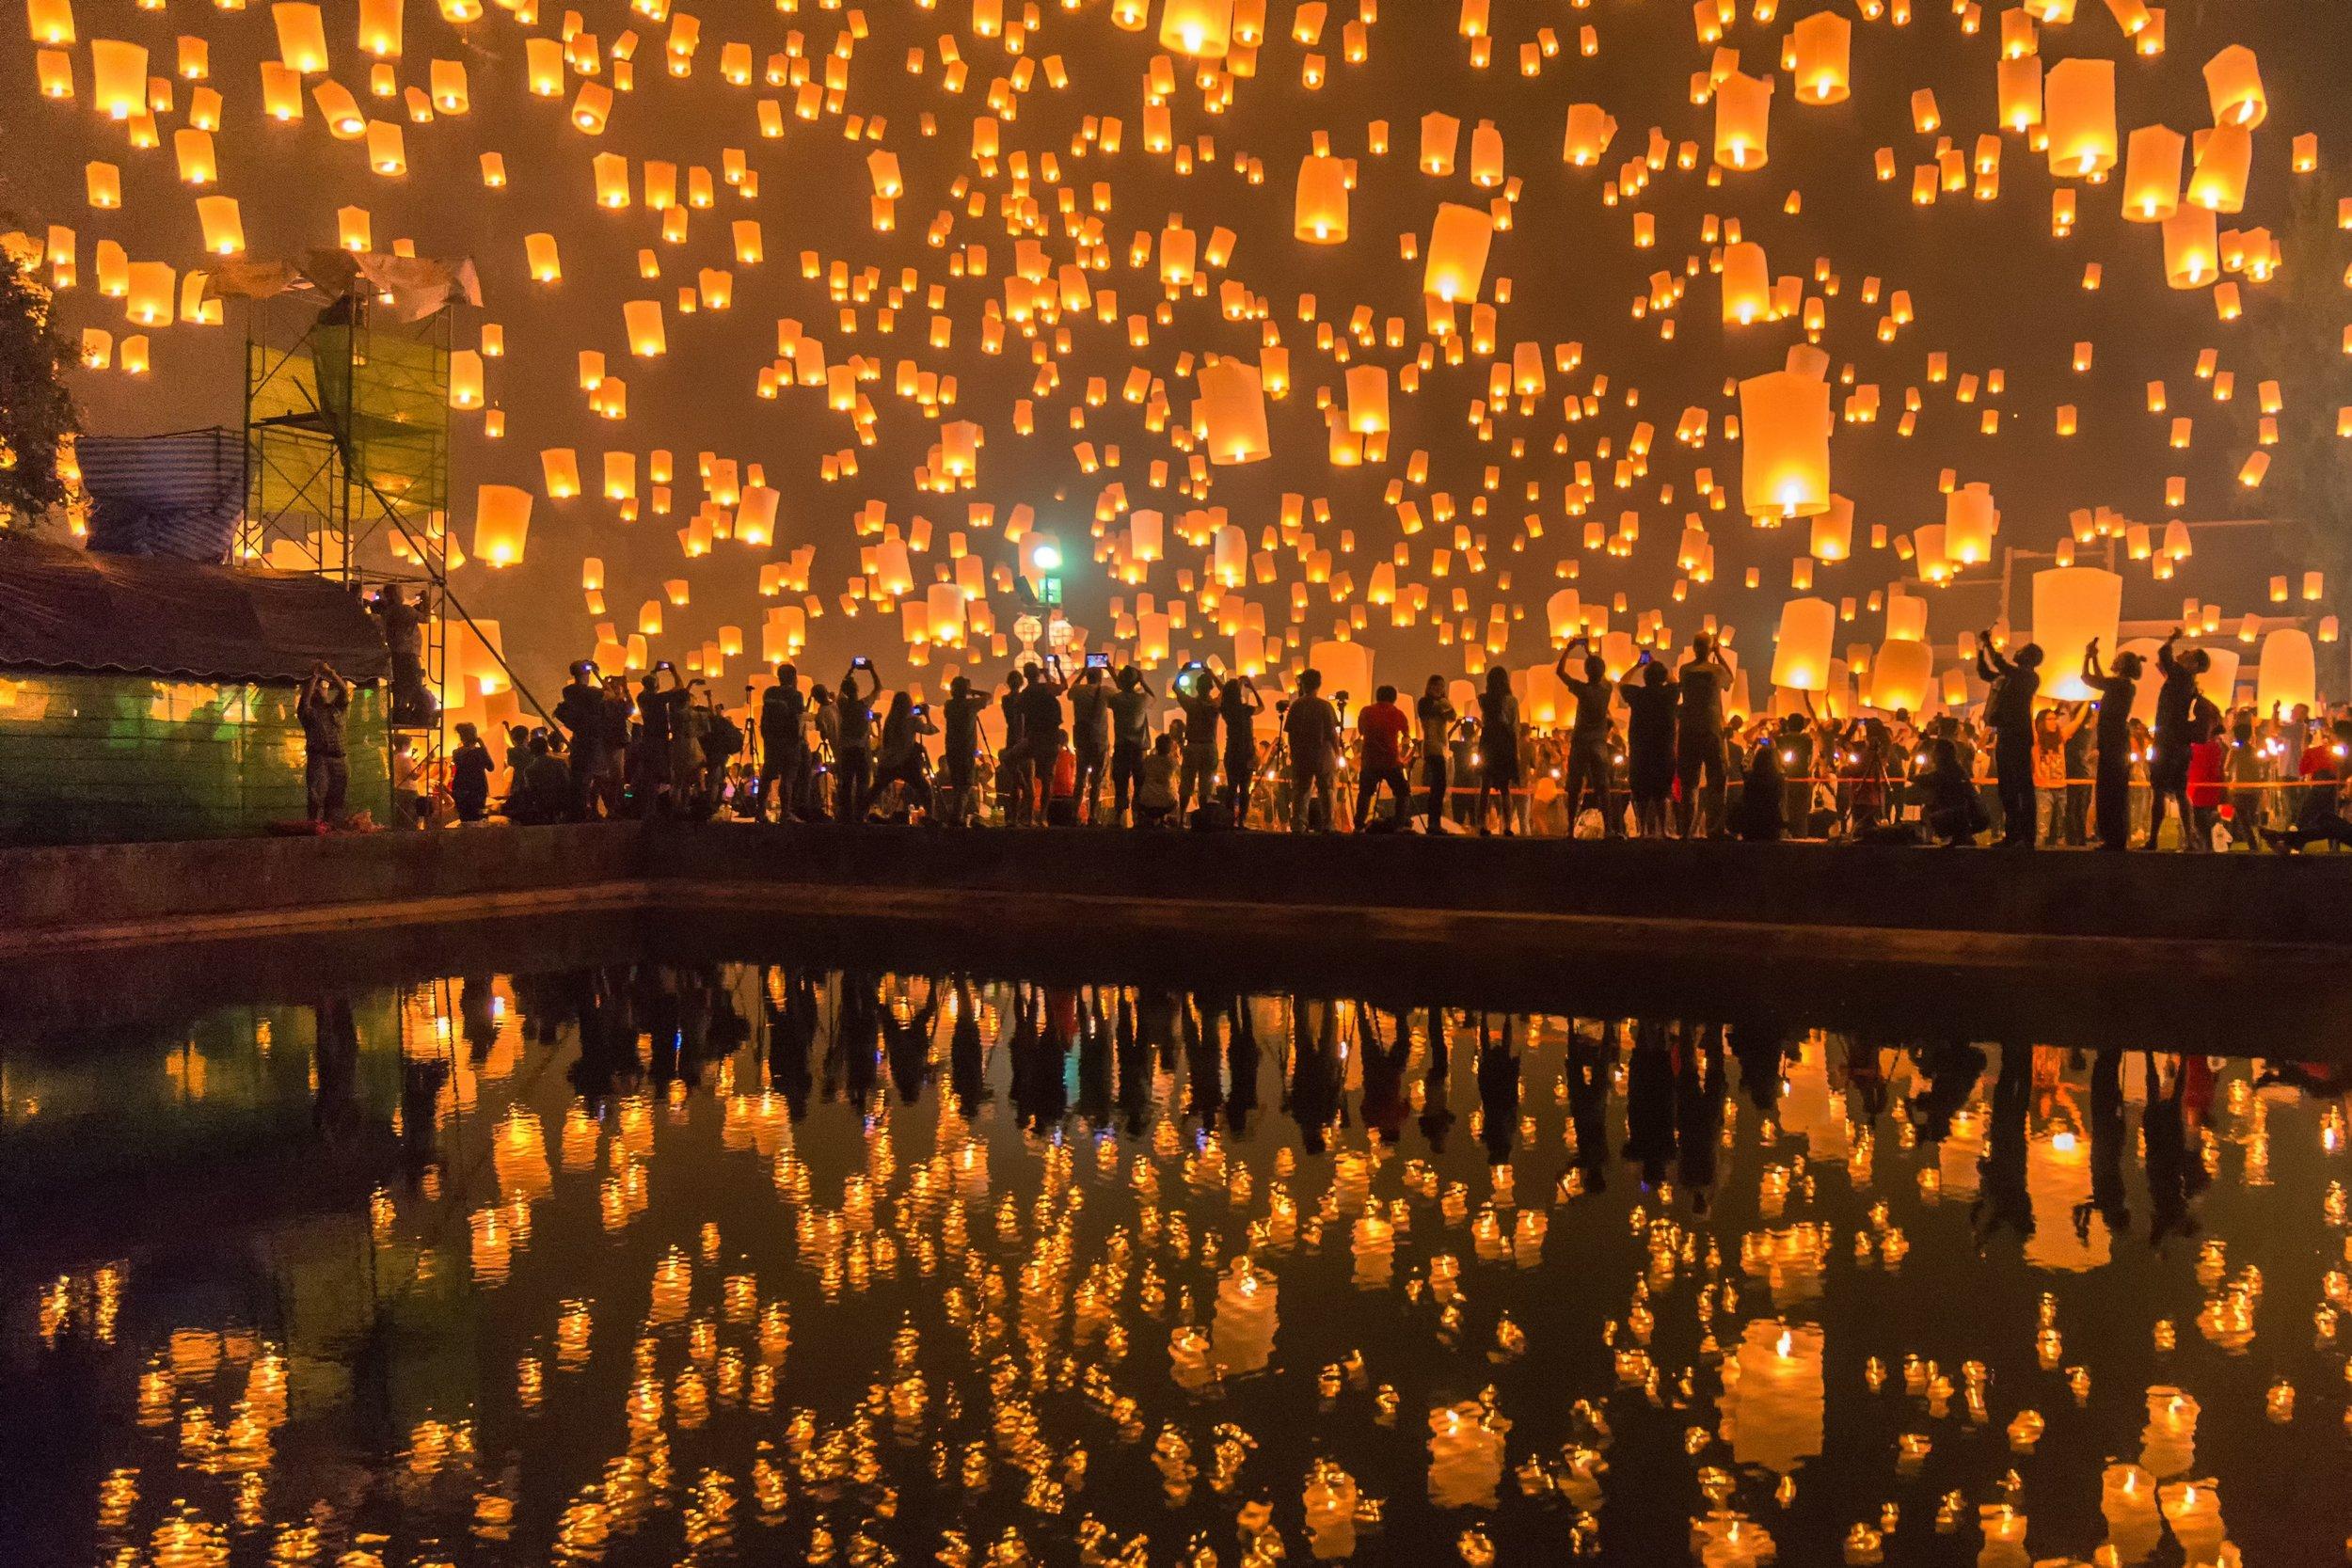 loi-krathong-fall-in-thailand-57ba337b5f9b58cdfd1c227d.jpg